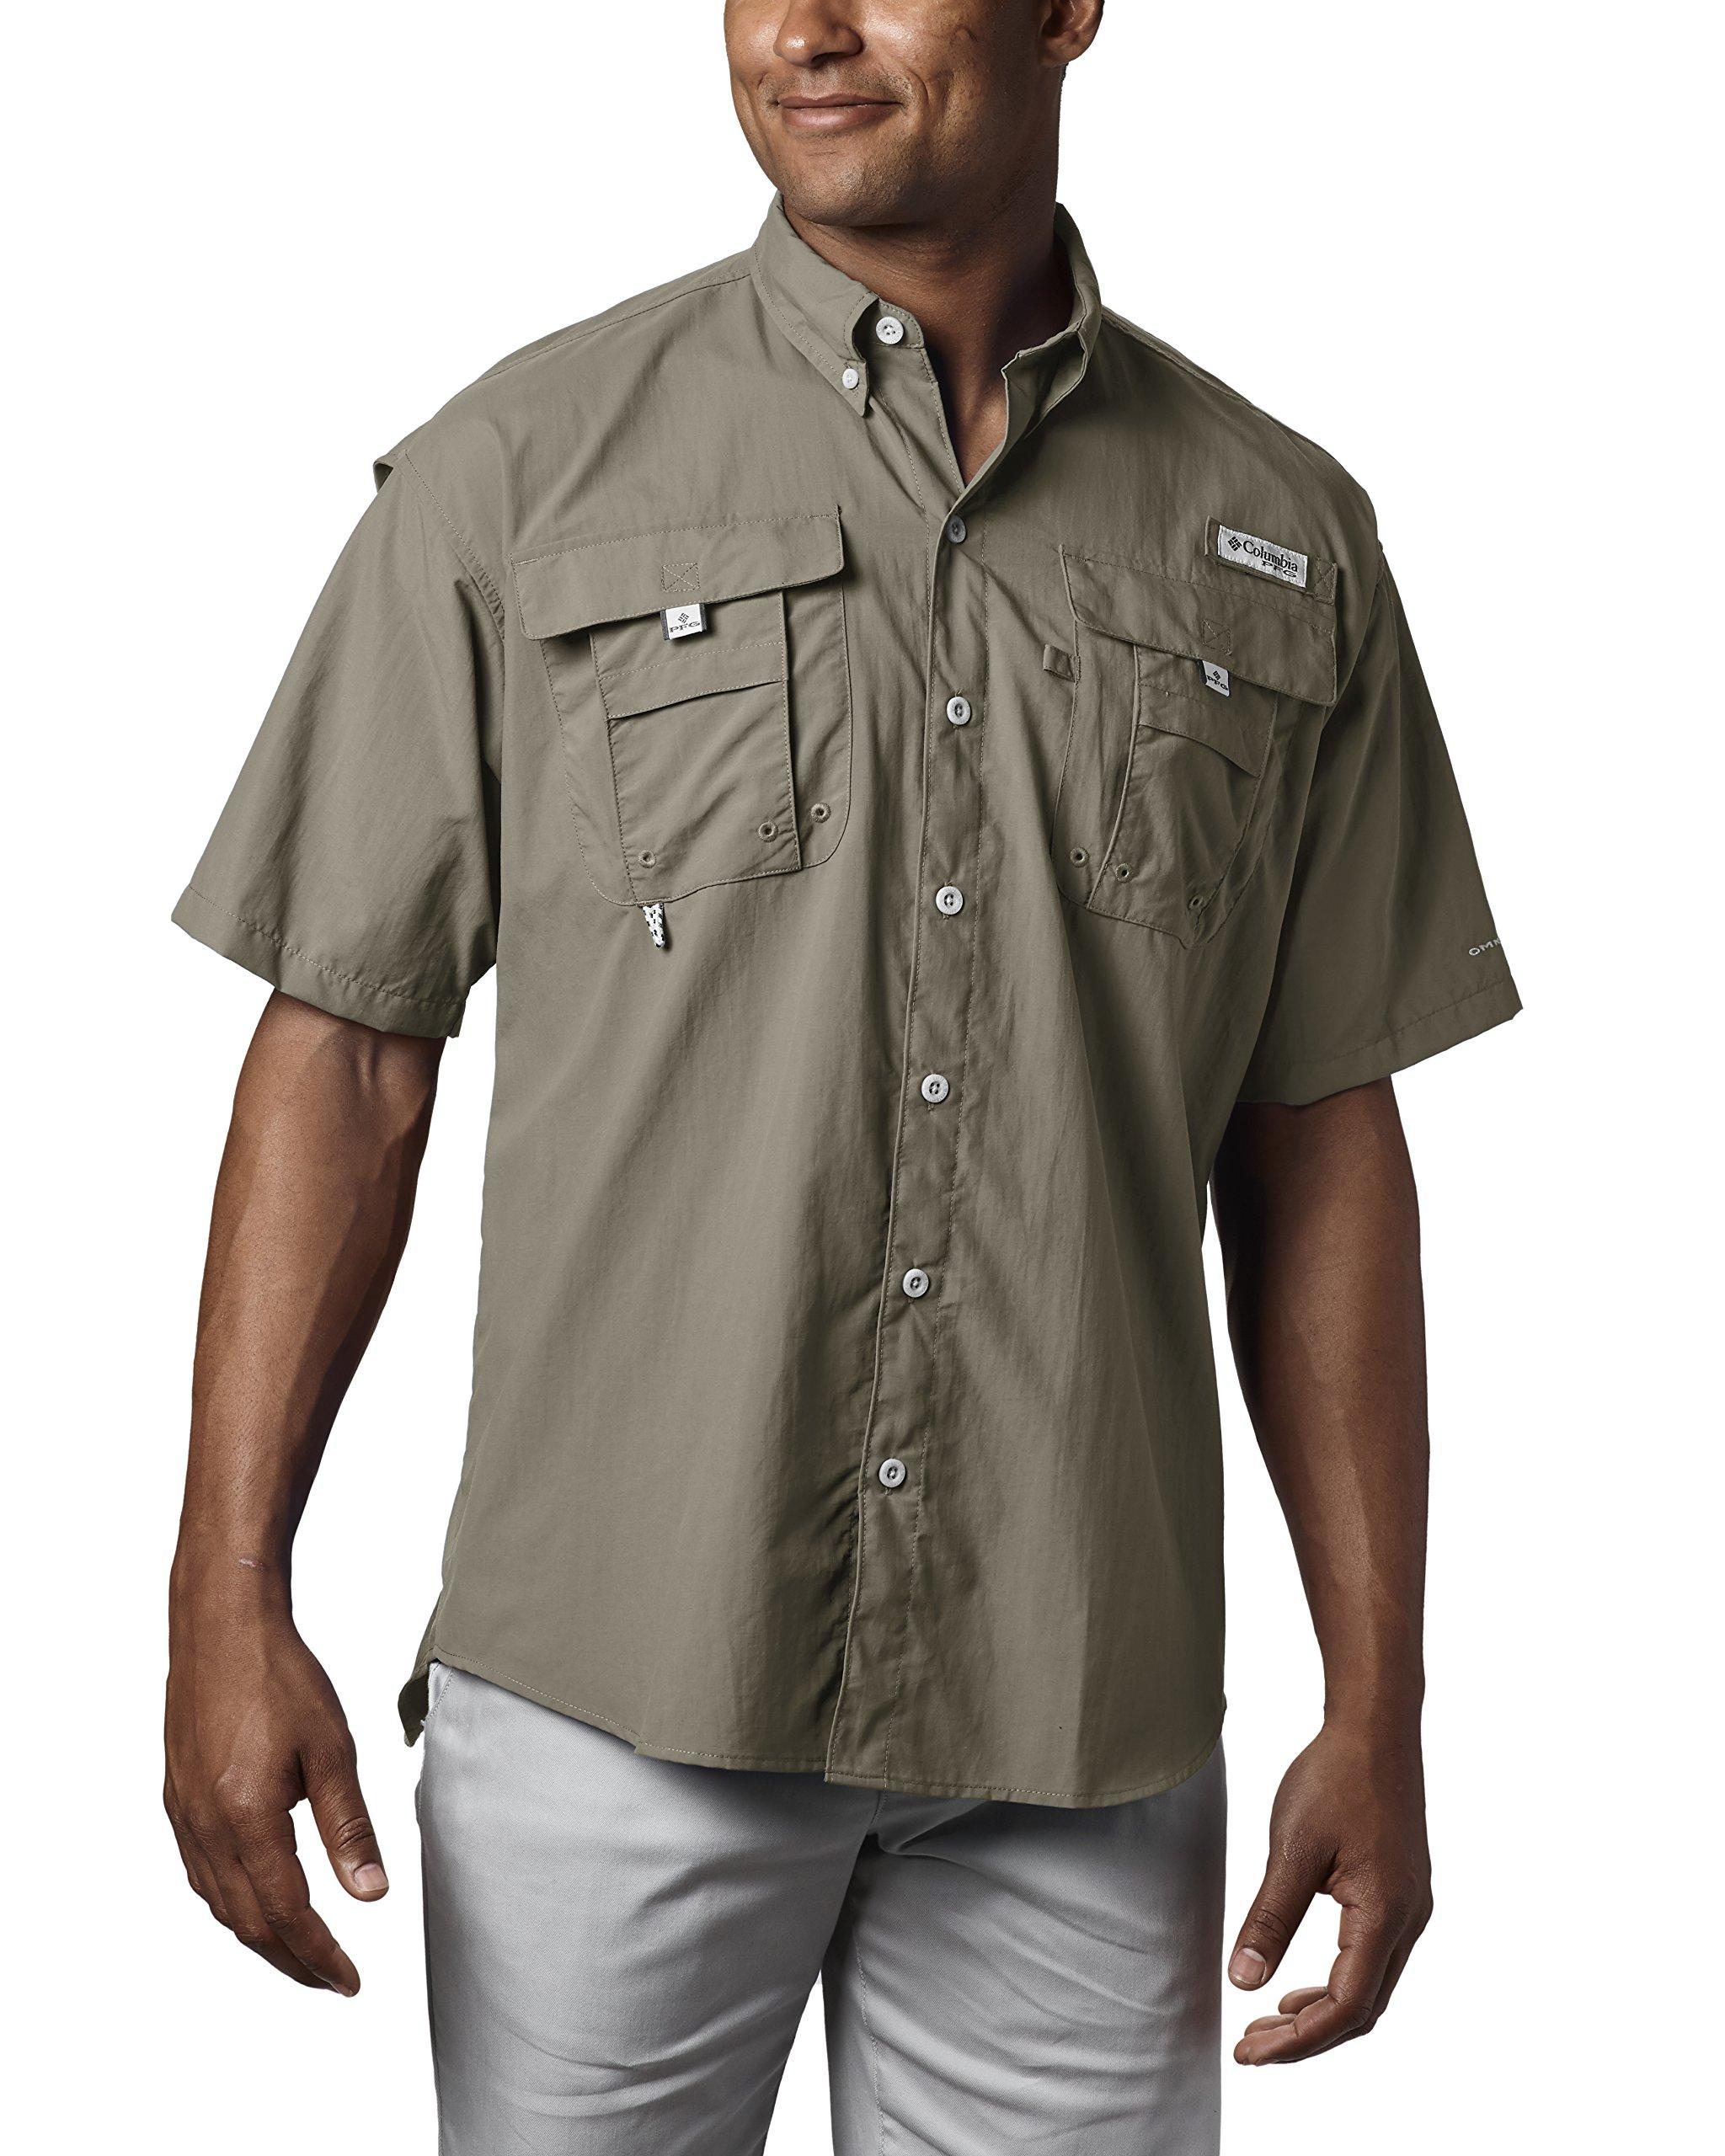 Columbia Men's Bahama II Short Sleeve Fishing Shirt (Sage, 2XT)